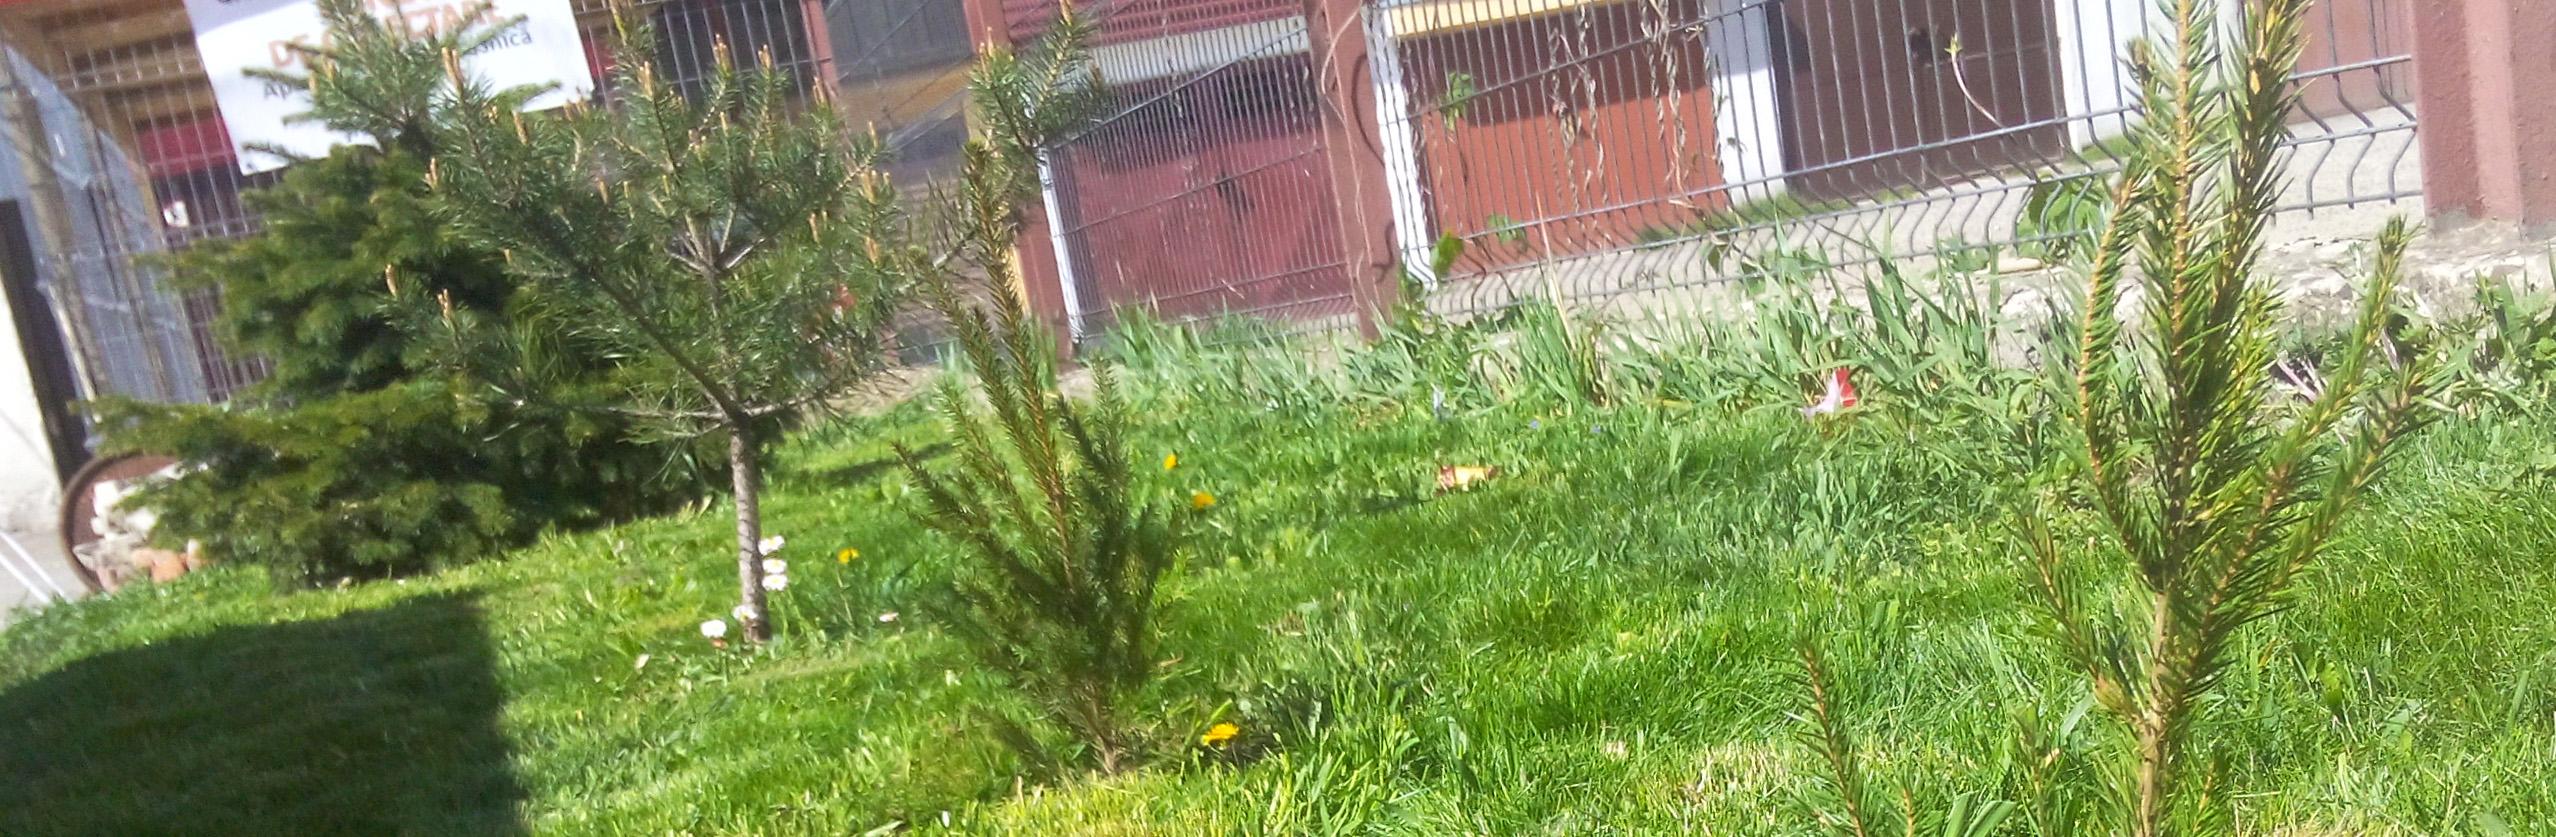 Am plantat de Ziua pământului, 22 aprilie